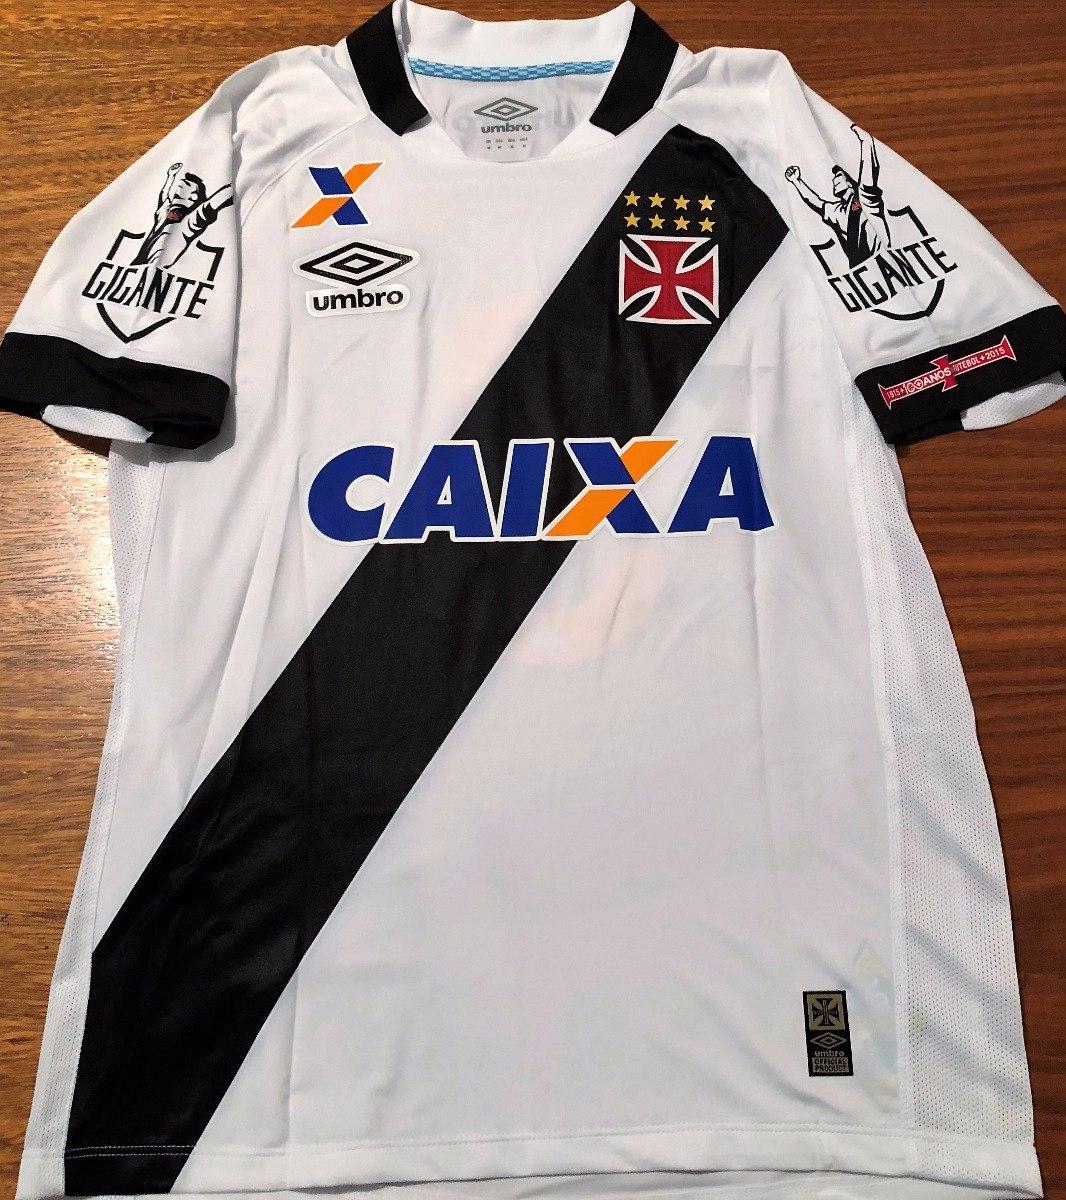 6e7b8cb57e361 camisa do vasco brasileirão 2016 de jogo branca  7. Carregando zoom.